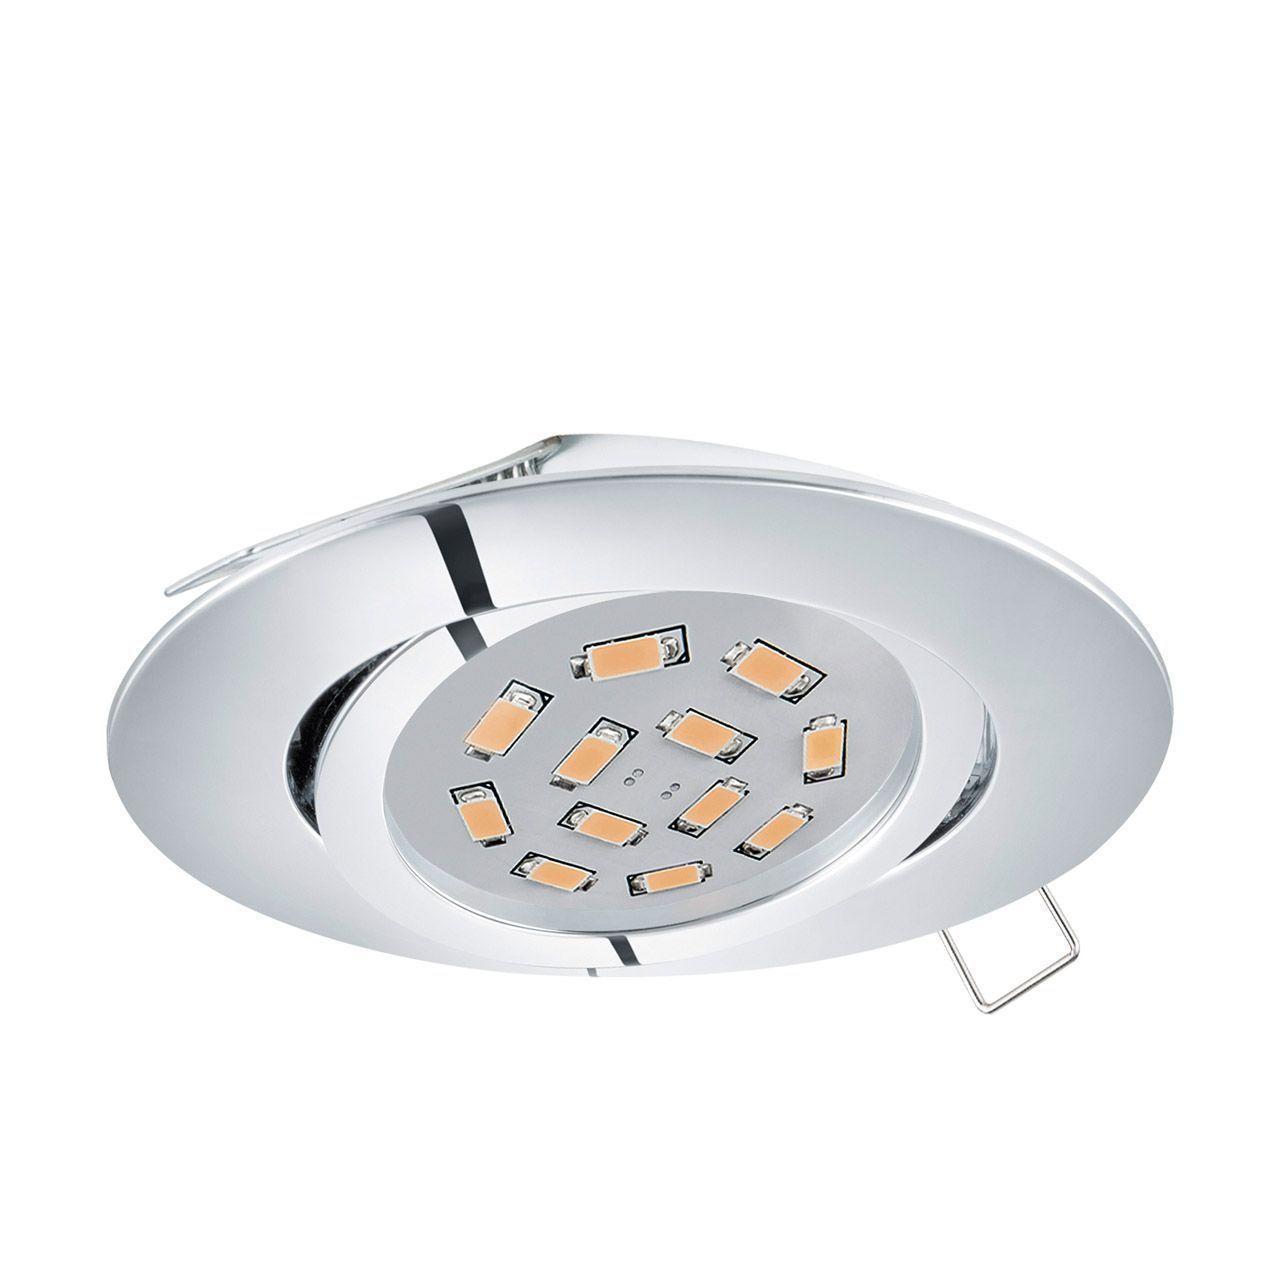 Встраиваемый светодиодный светильник Eglo Tedo 95361 встраиваемый светодиодный светильник eglo tedo 1 95356